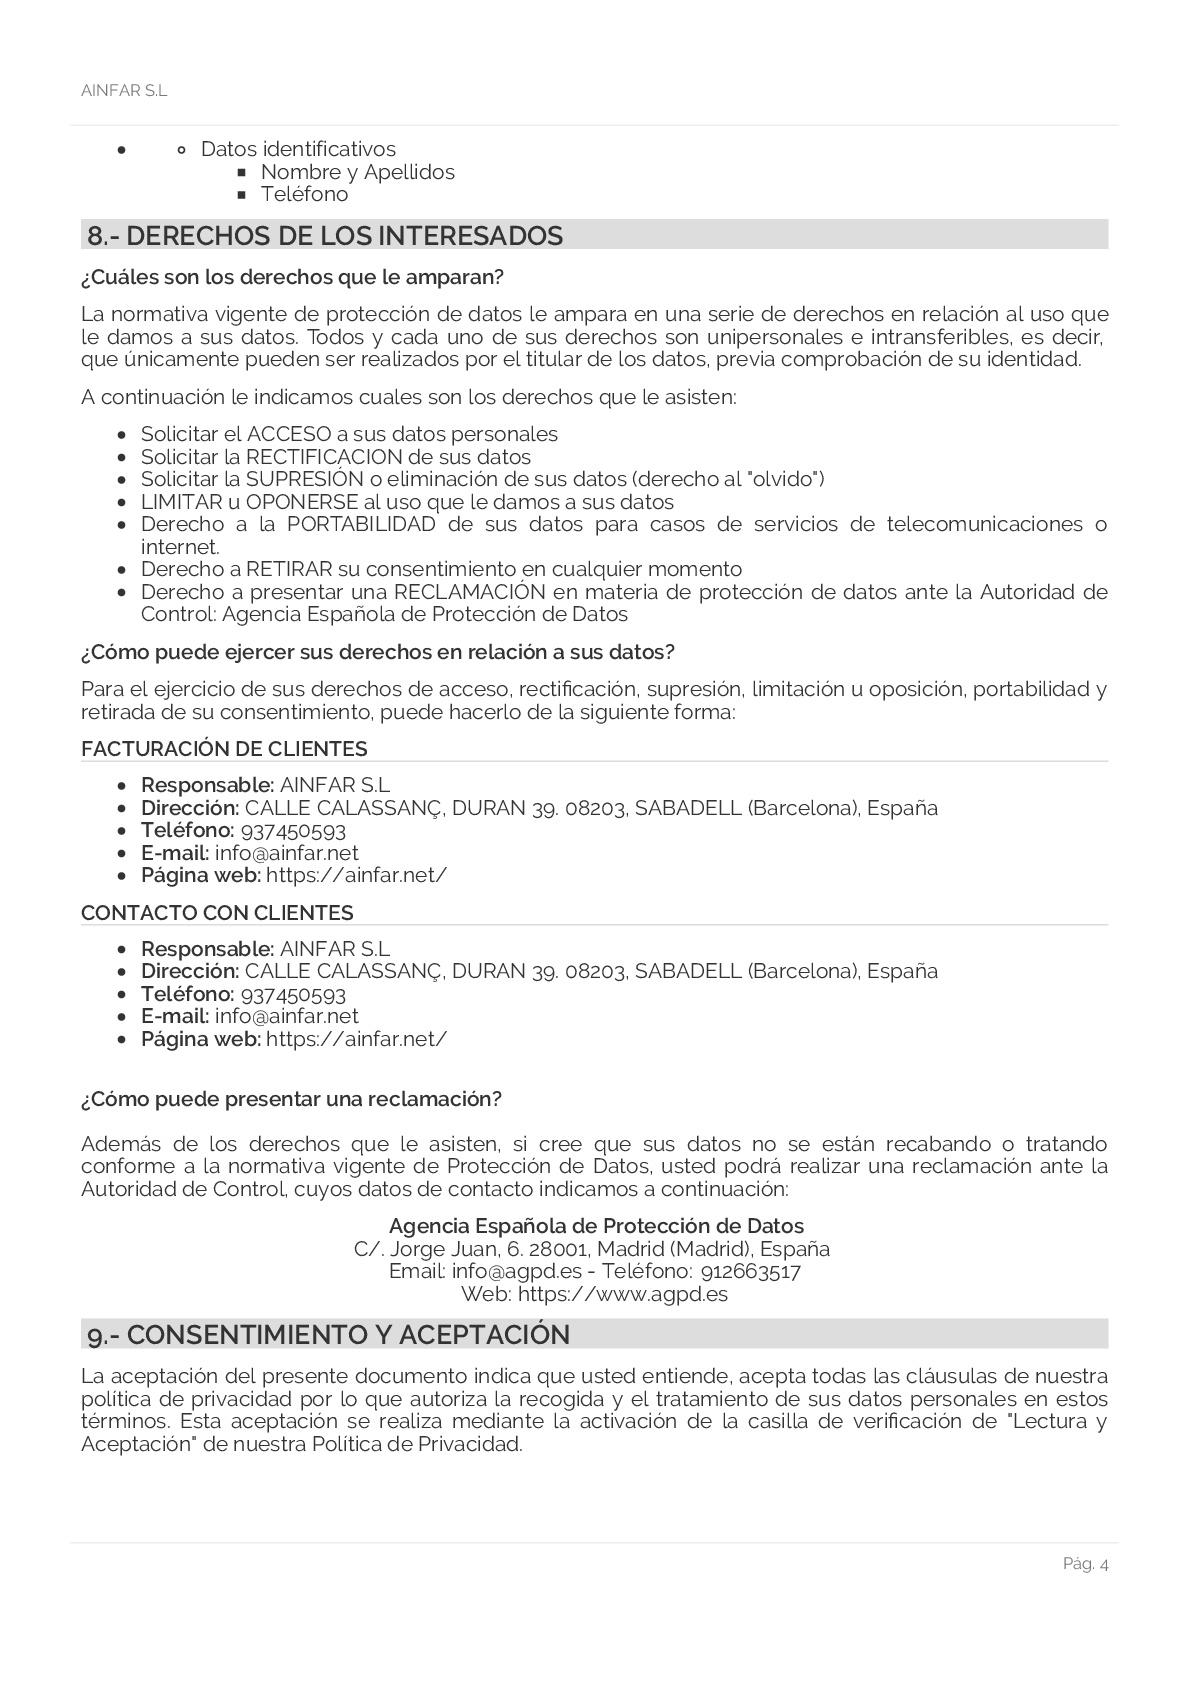 POLITICA-DE-PRIVACIDAD-004